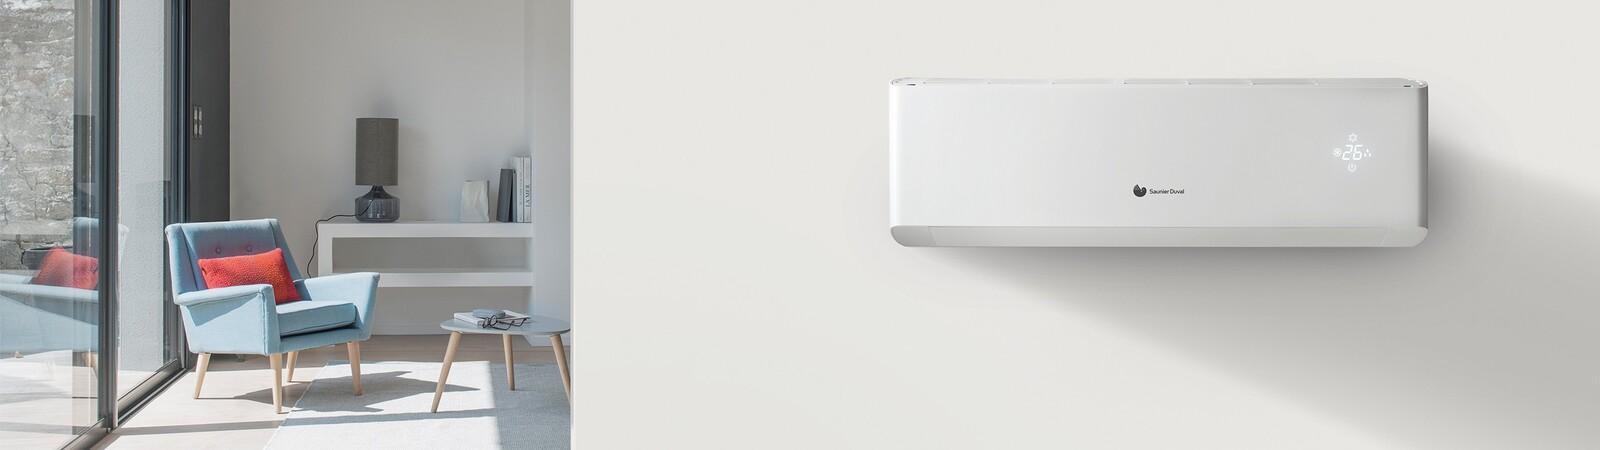 Binneneenheid van de VivAir lucht/lucht warmtepomp in living.